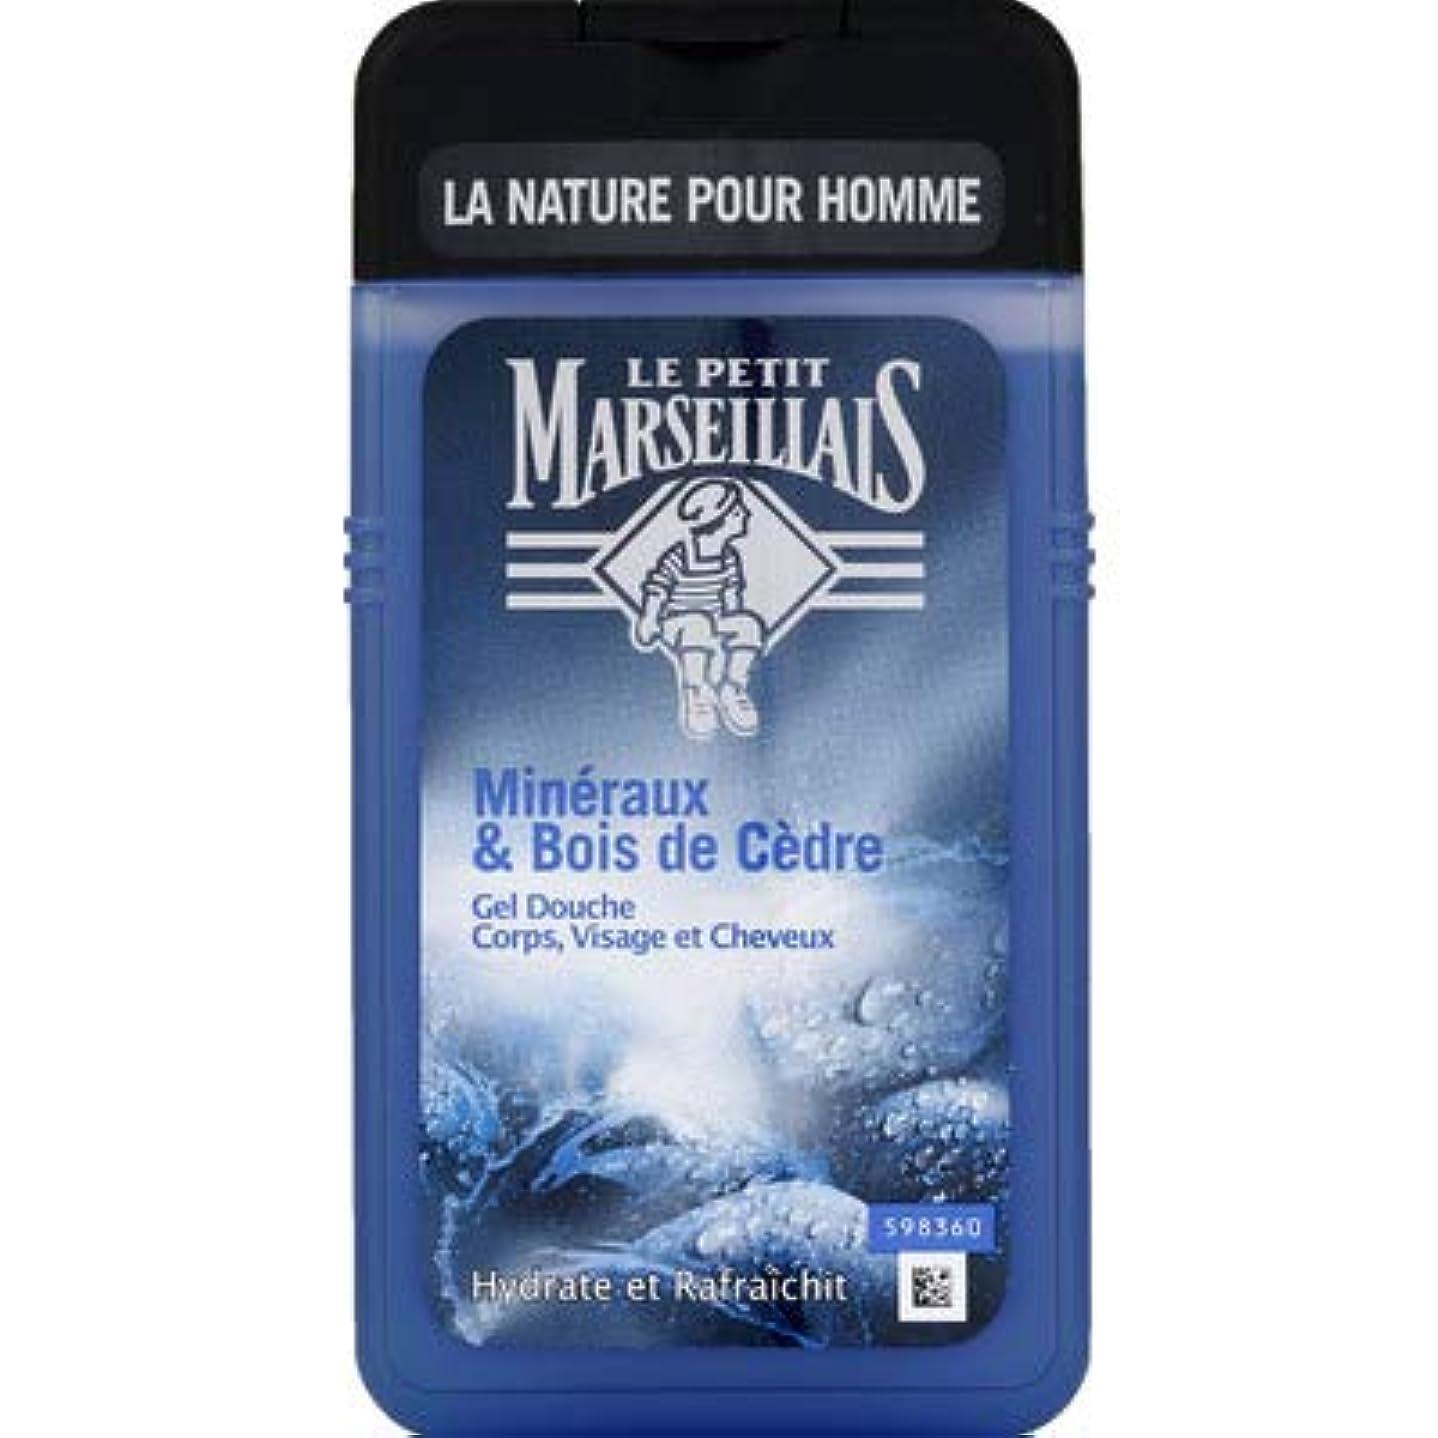 短くする雷雨発行メンズ用 顔?髪?体 ボディウォッシュ「ミネラル」と「シダーウッド」シャワージェル フランスの「ル?プティ?マルセイユ (Le Petit Marseillais)」 250ml